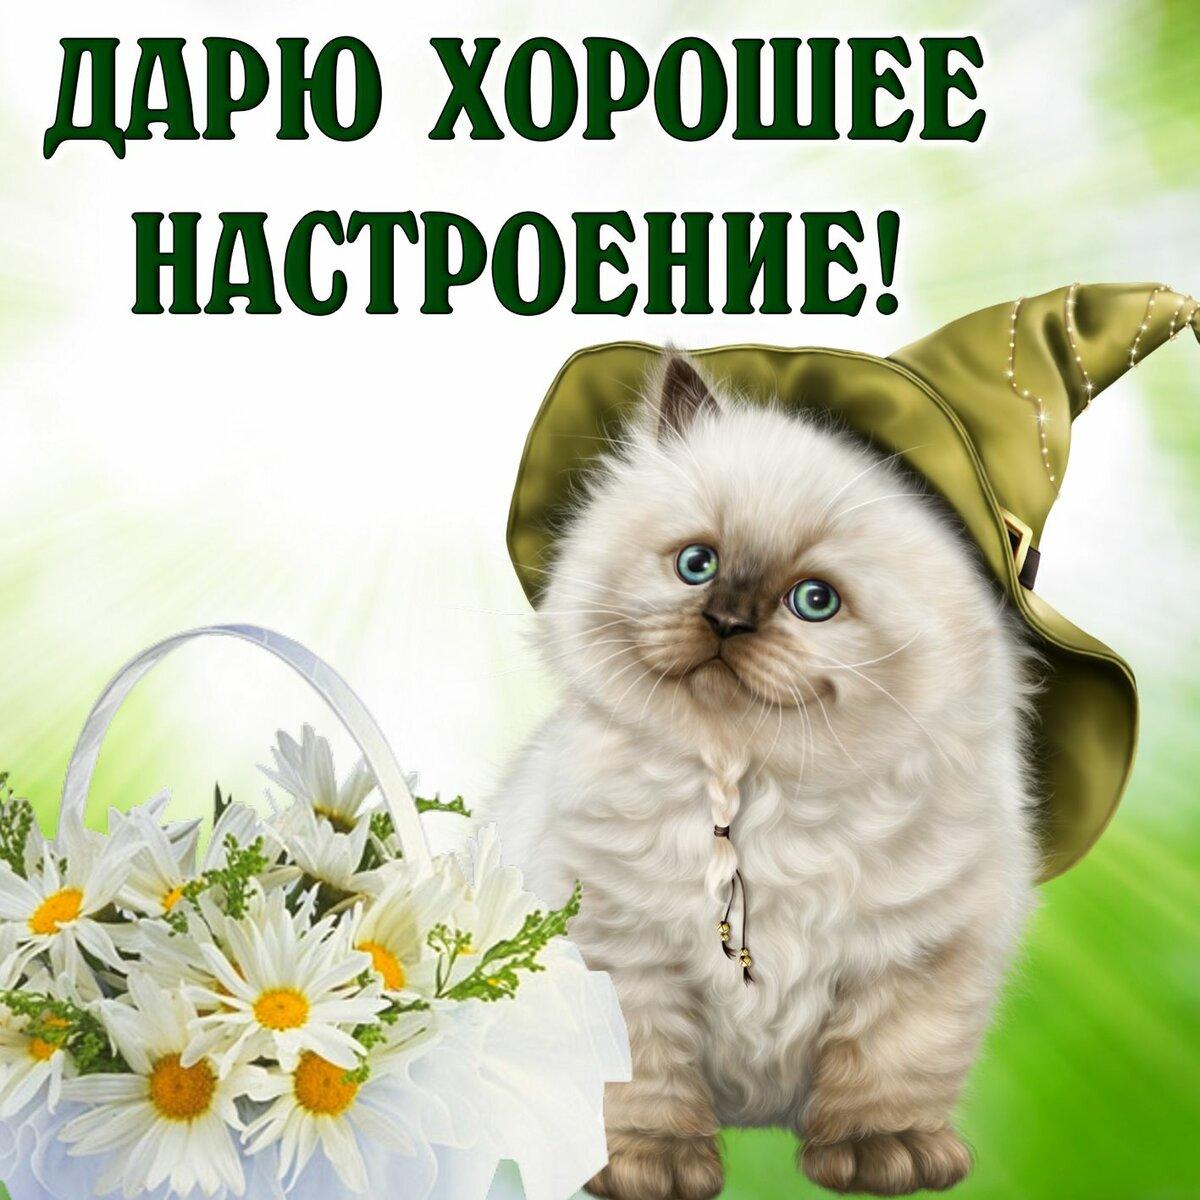 Красивые позитивные картинки с надписями на хороший день, картинки удачу открытки